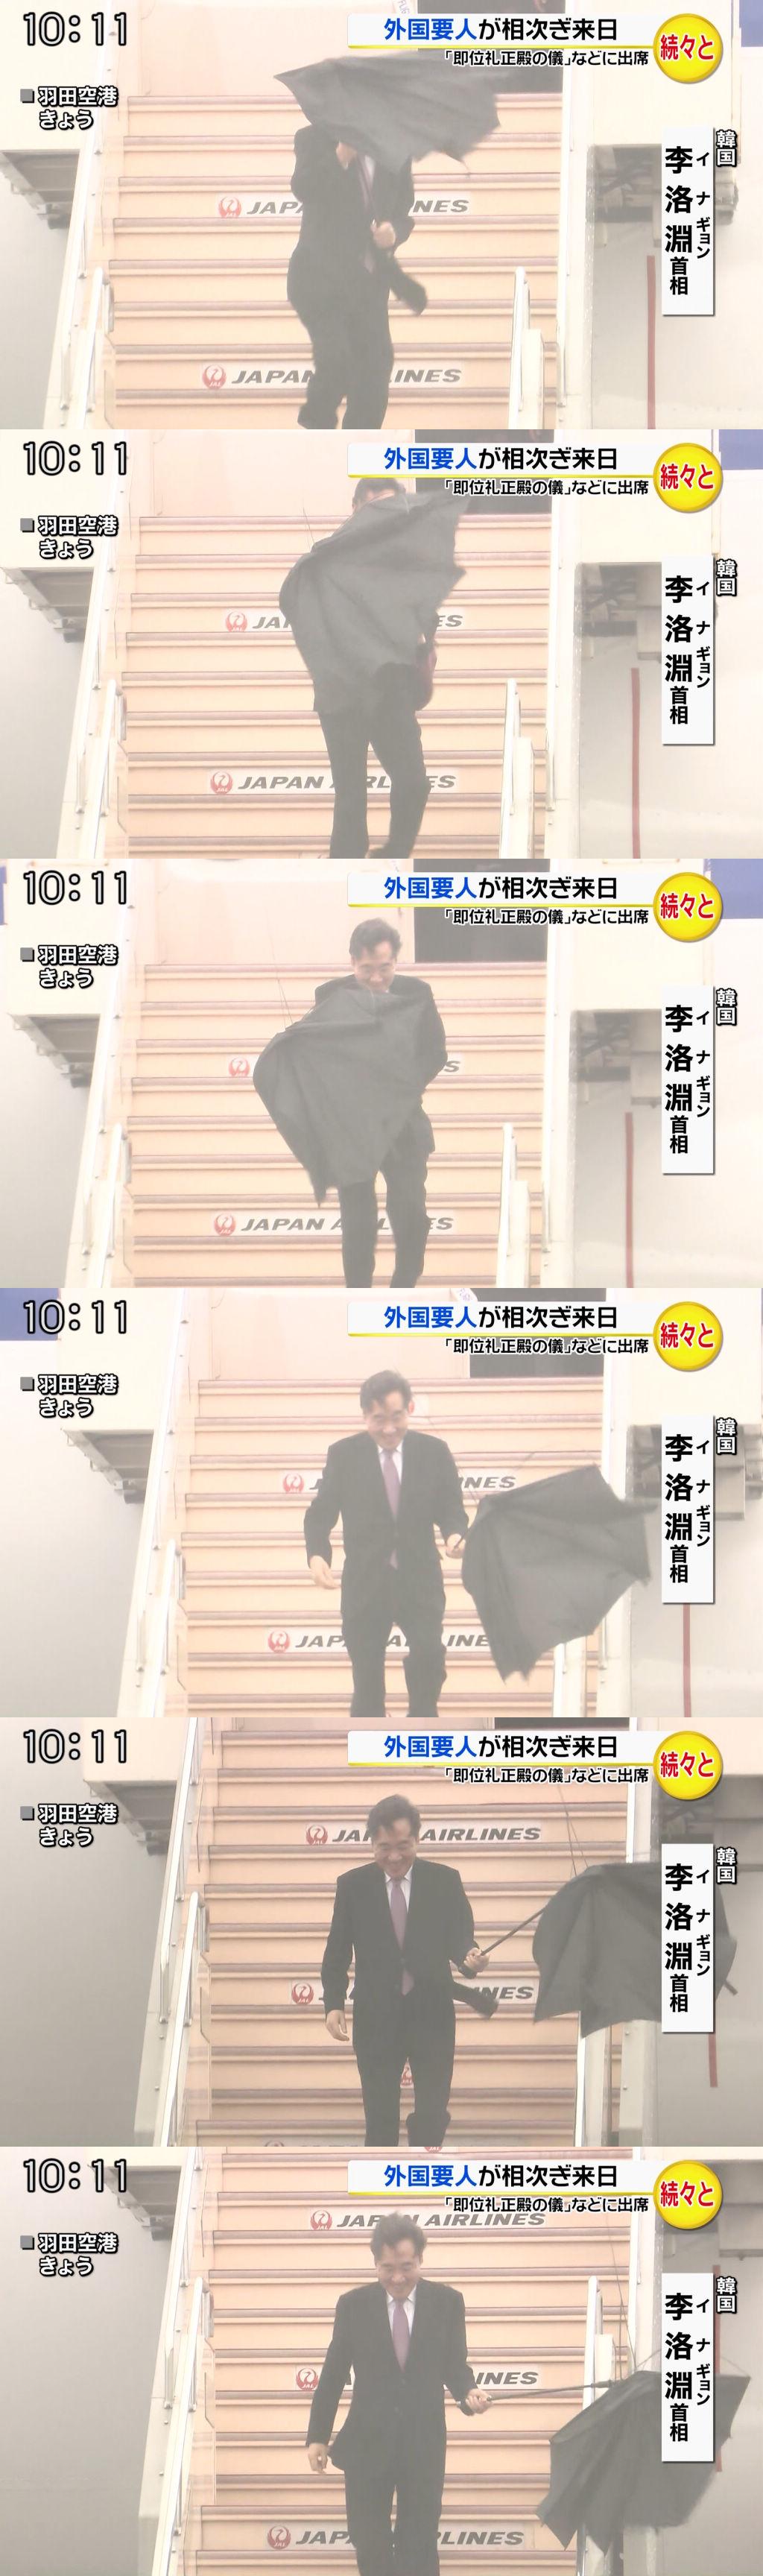 【画像】即位礼正殿の儀に出席した韓国首相、強風に傘を破壊される